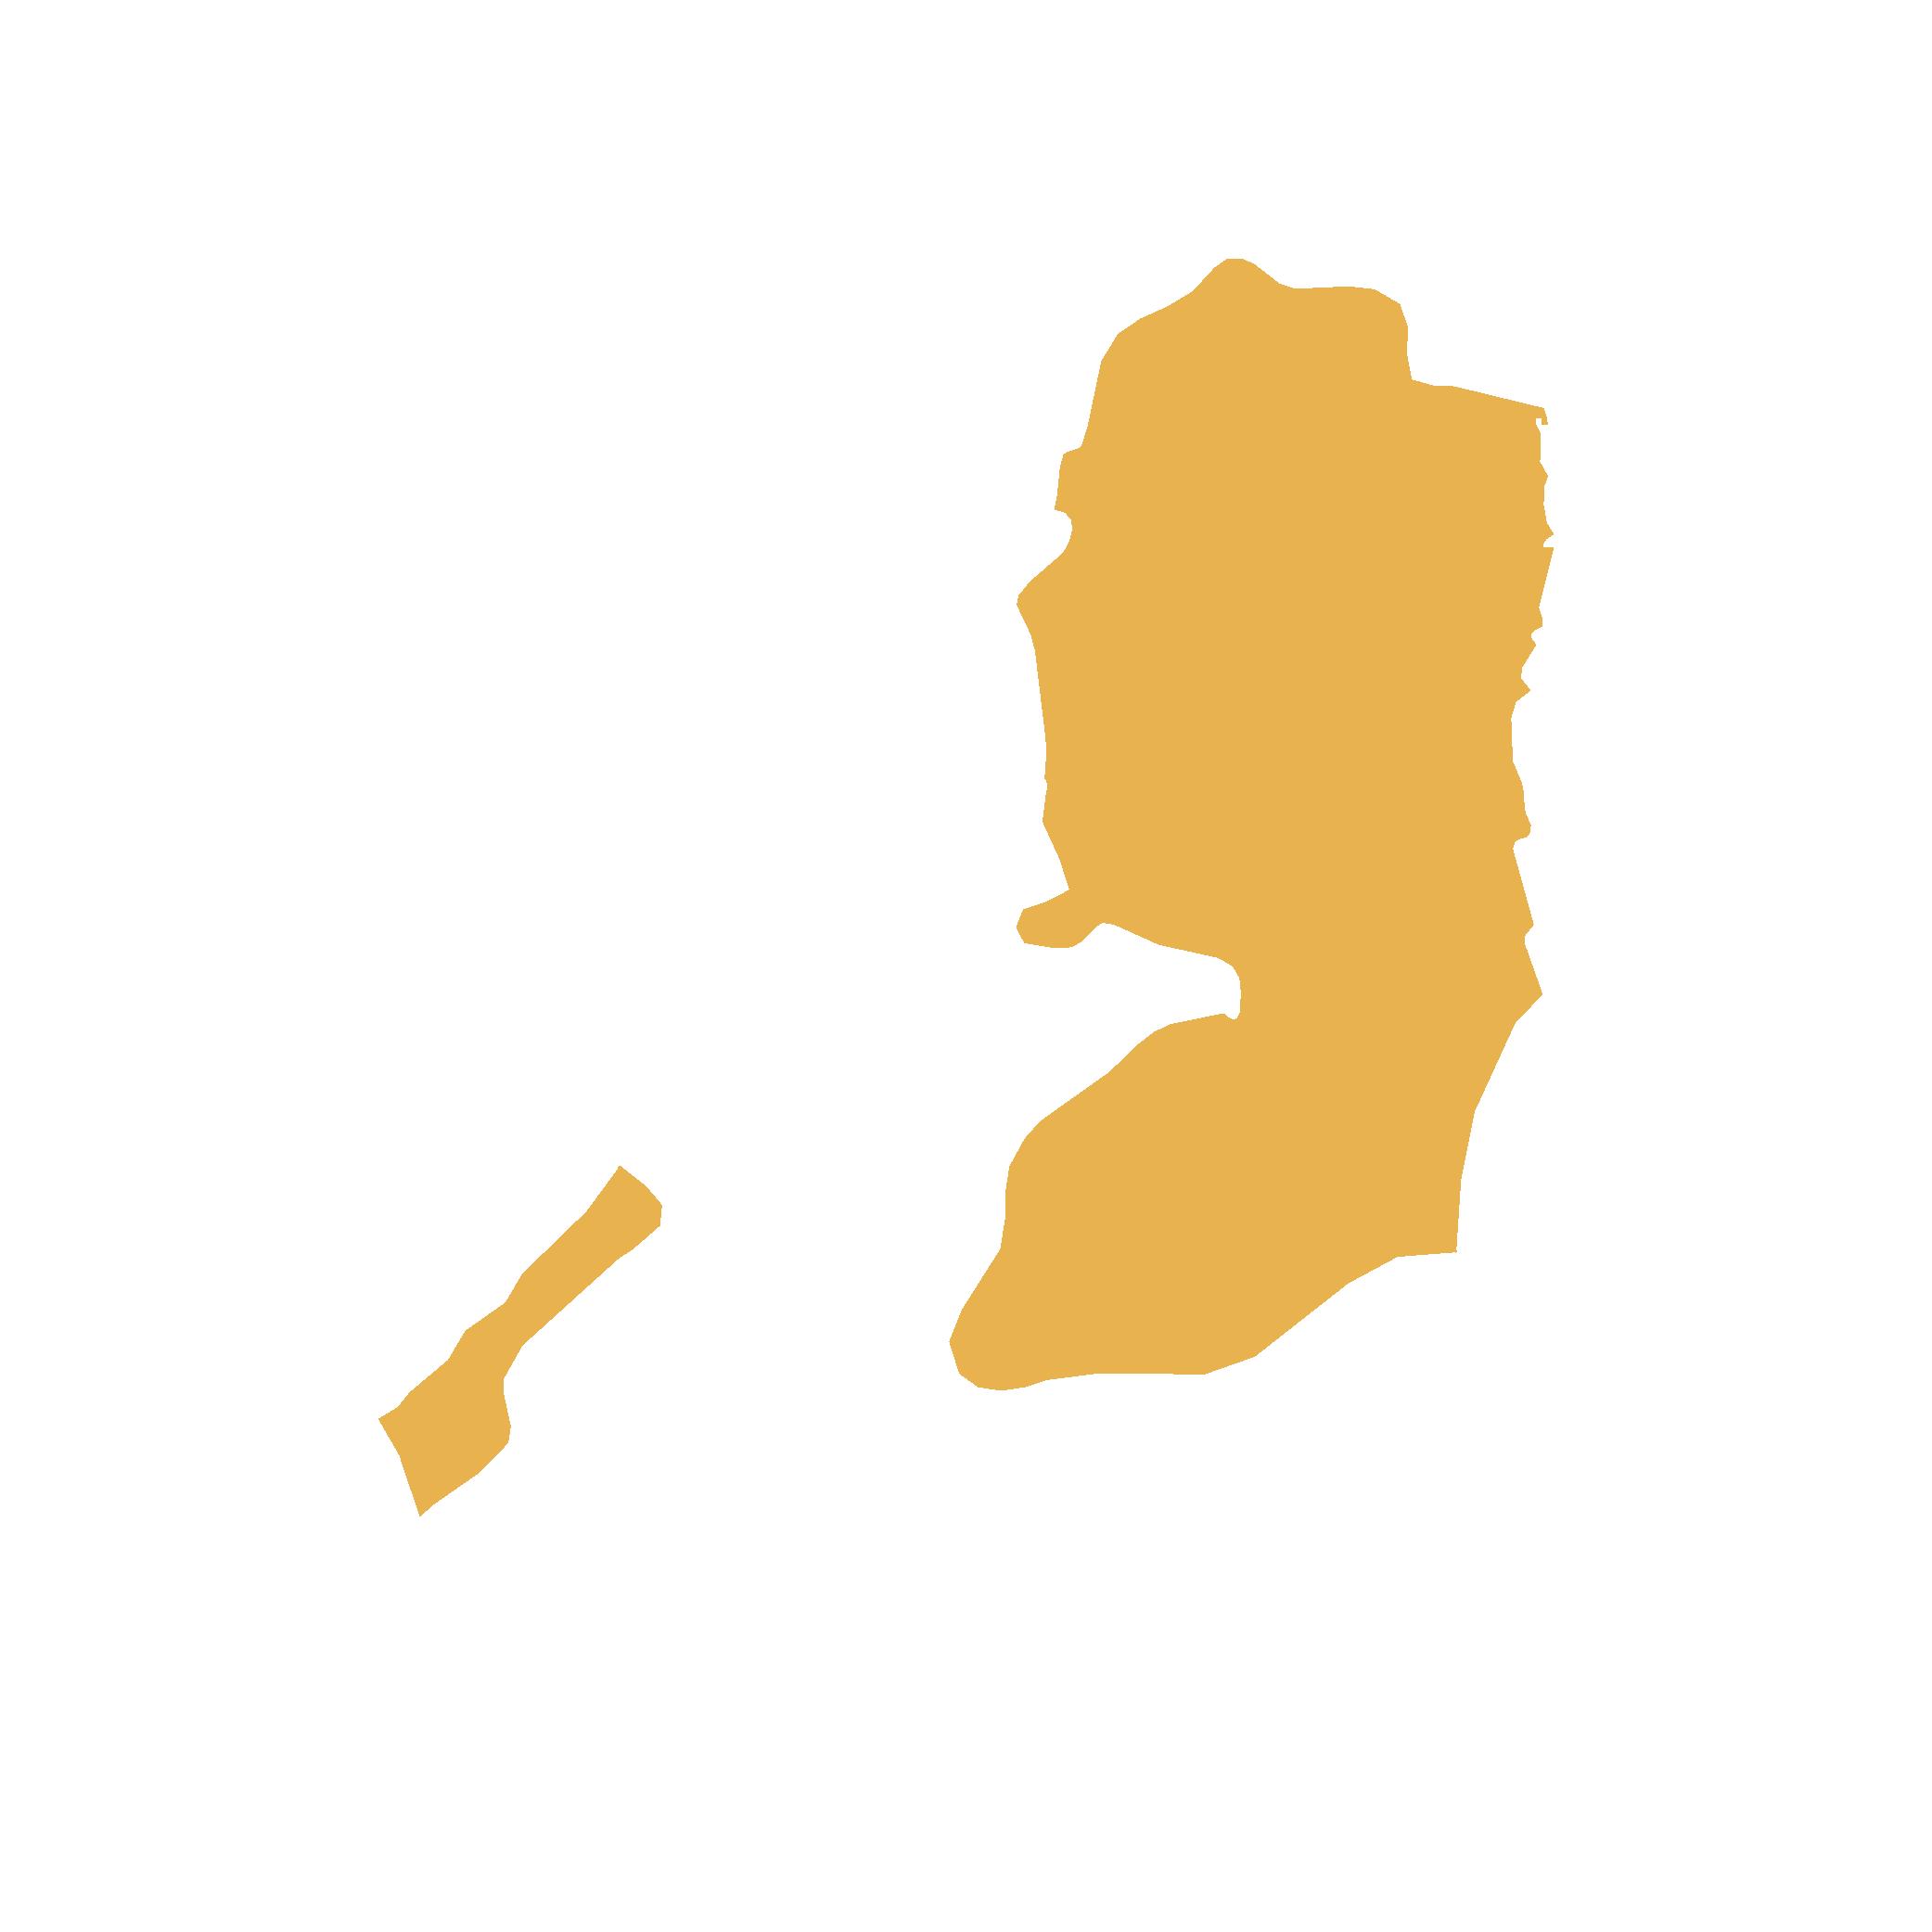 Palestinian State Map